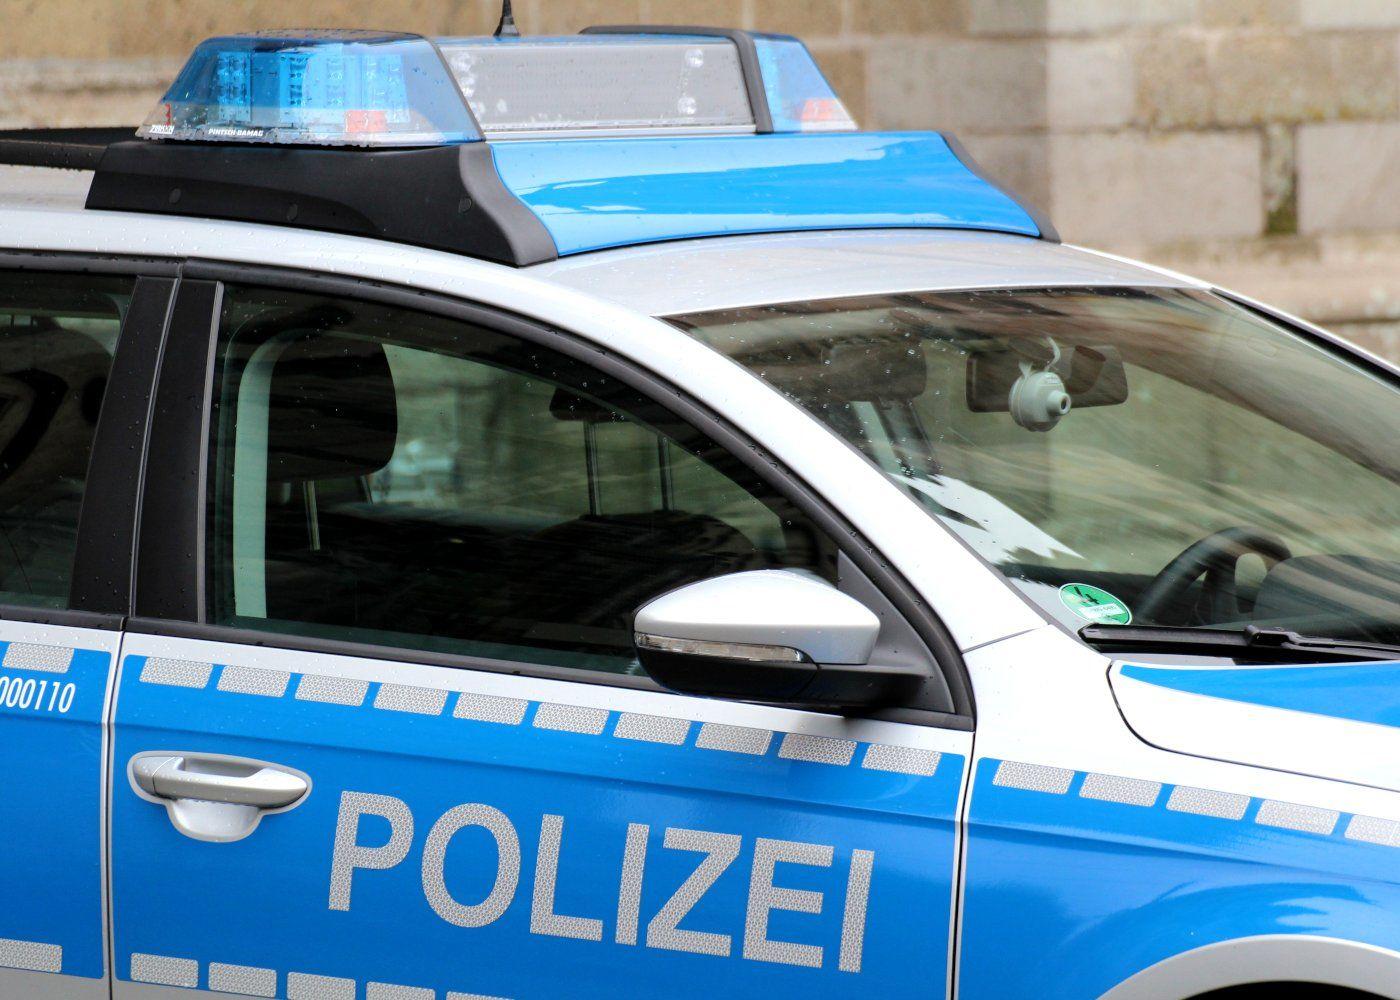 Polizeiliche Kriminalstatistik 2016